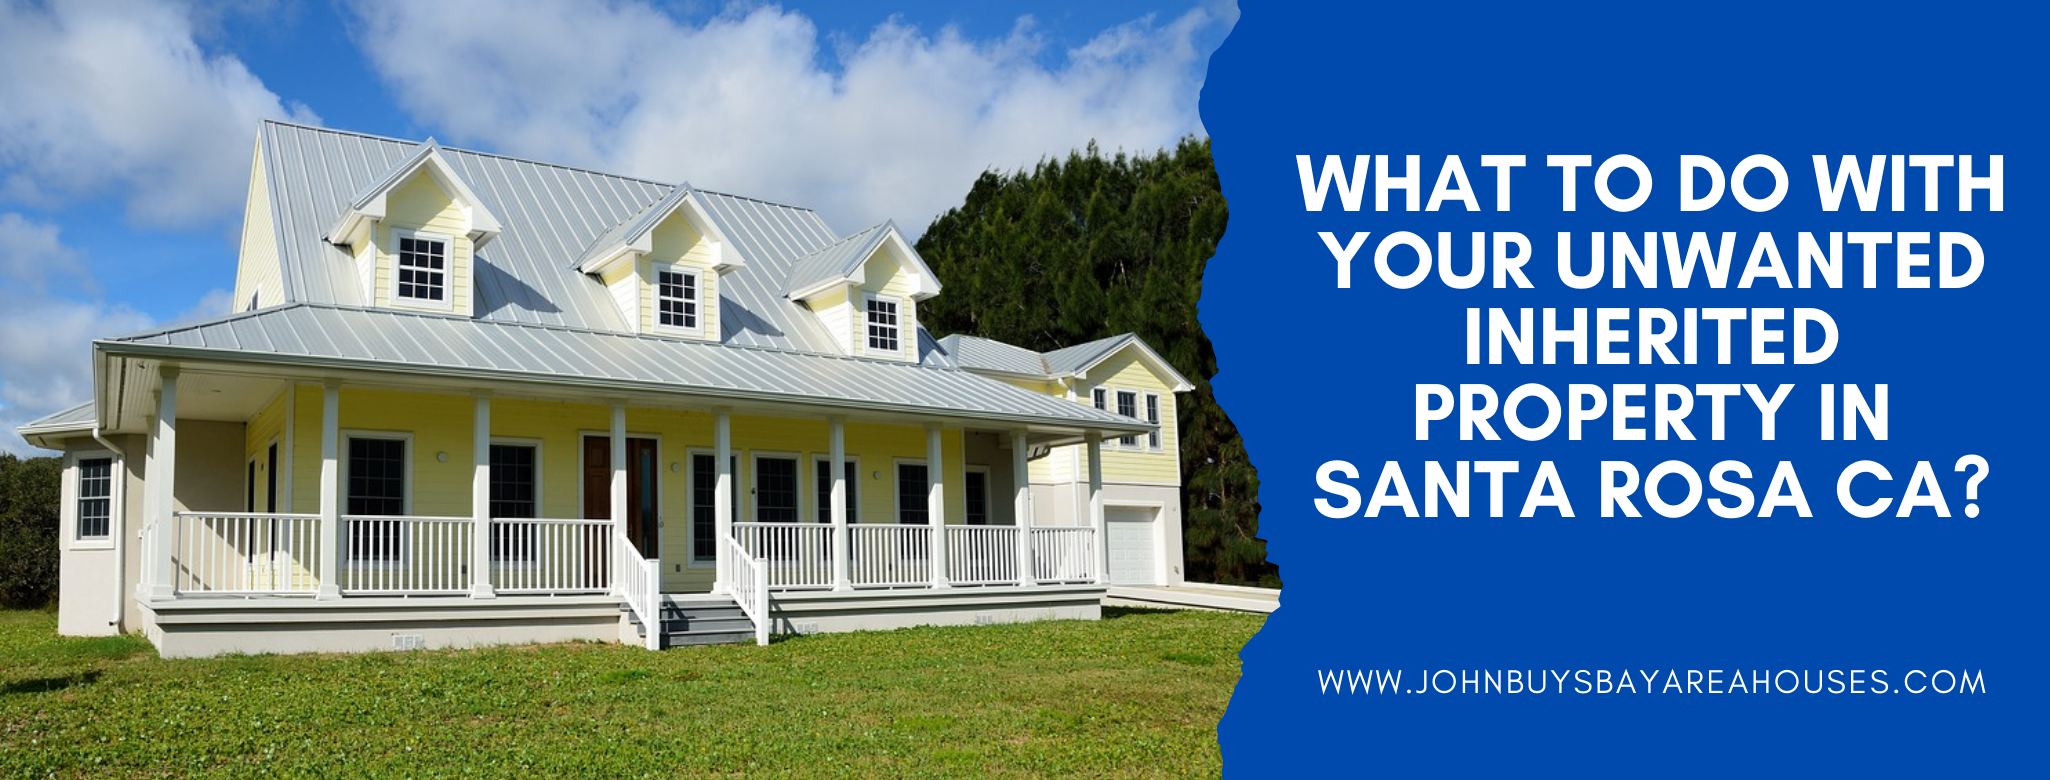 We buy properties in Santa Rosa CA